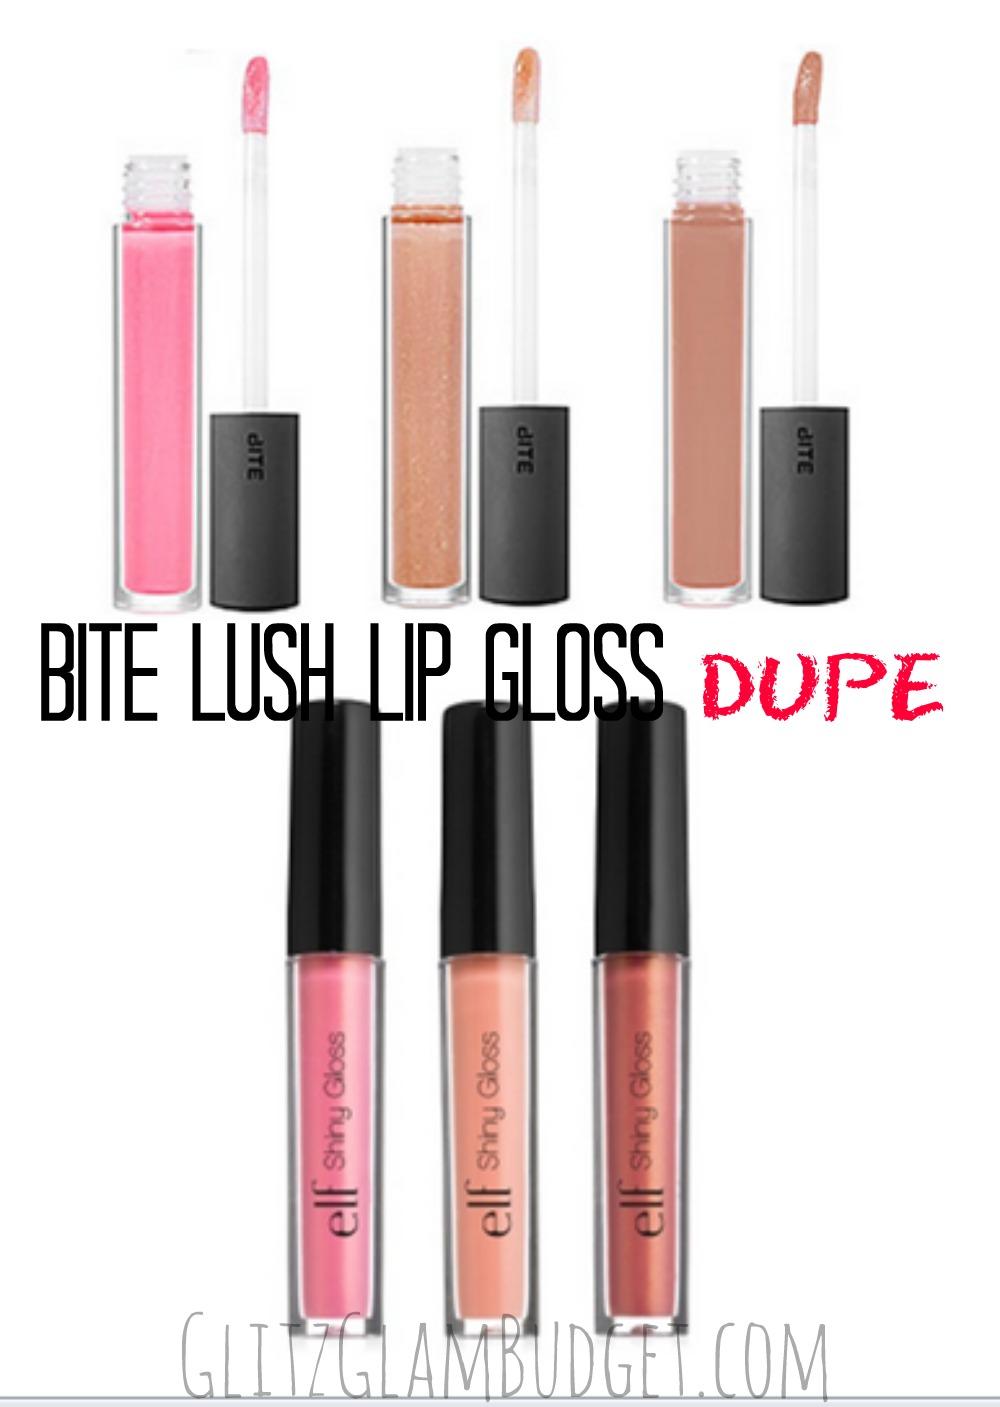 BITE Lush Lip Gloss Cheaper Alternative